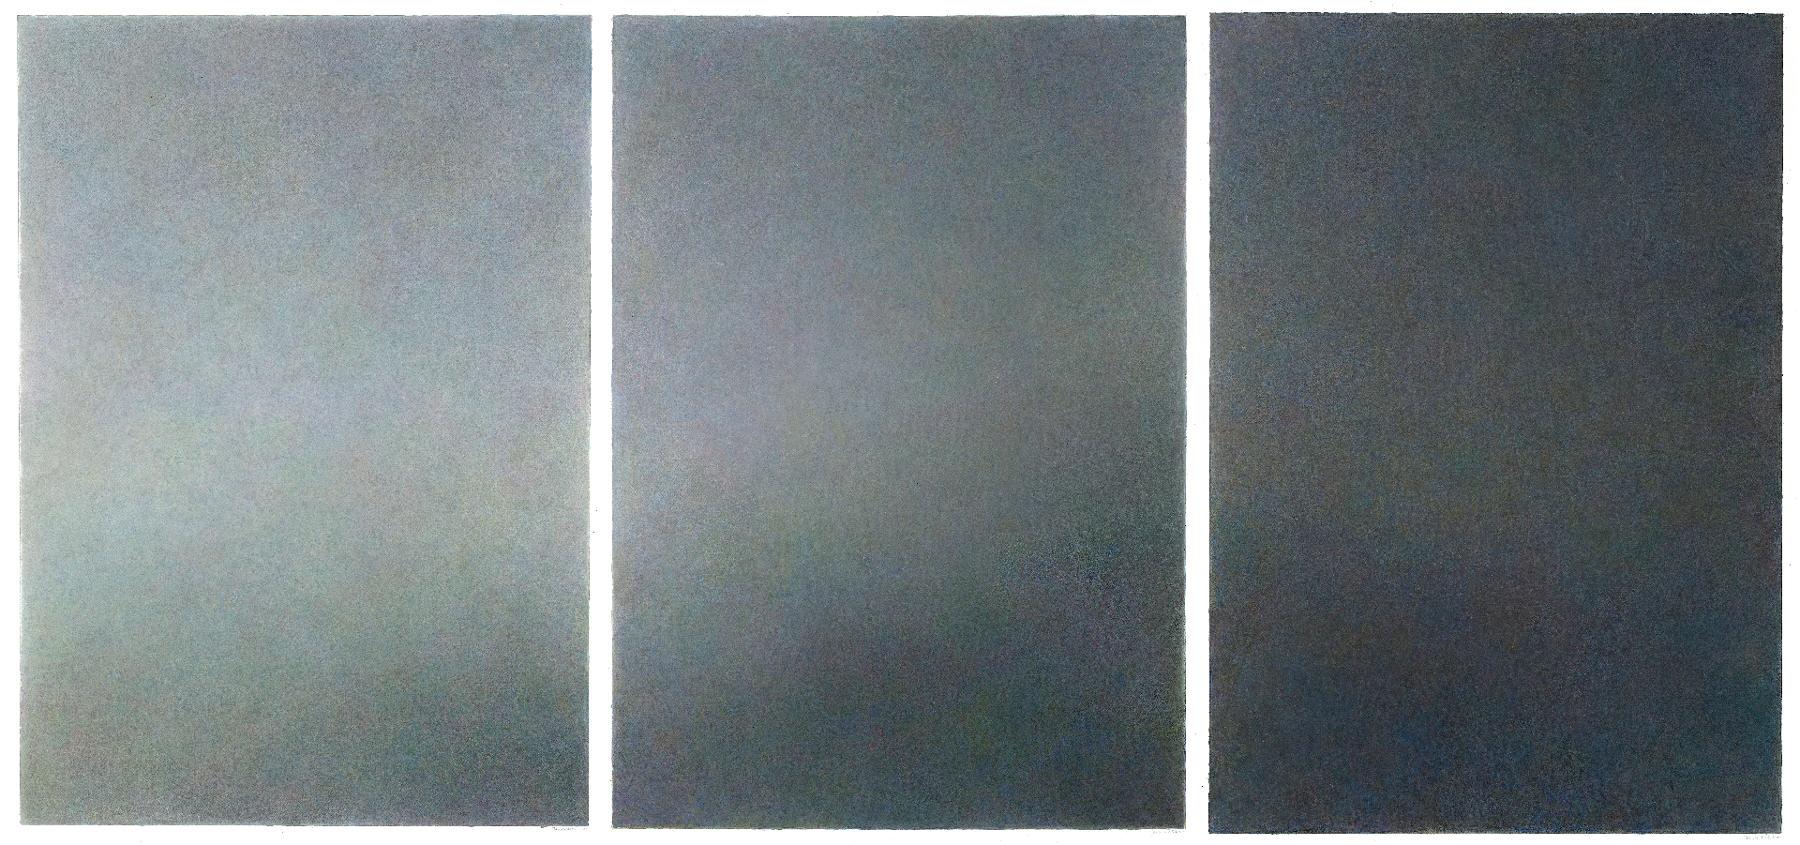 2014 Zonder titel (100 X 70 cm) 17897-8-9w